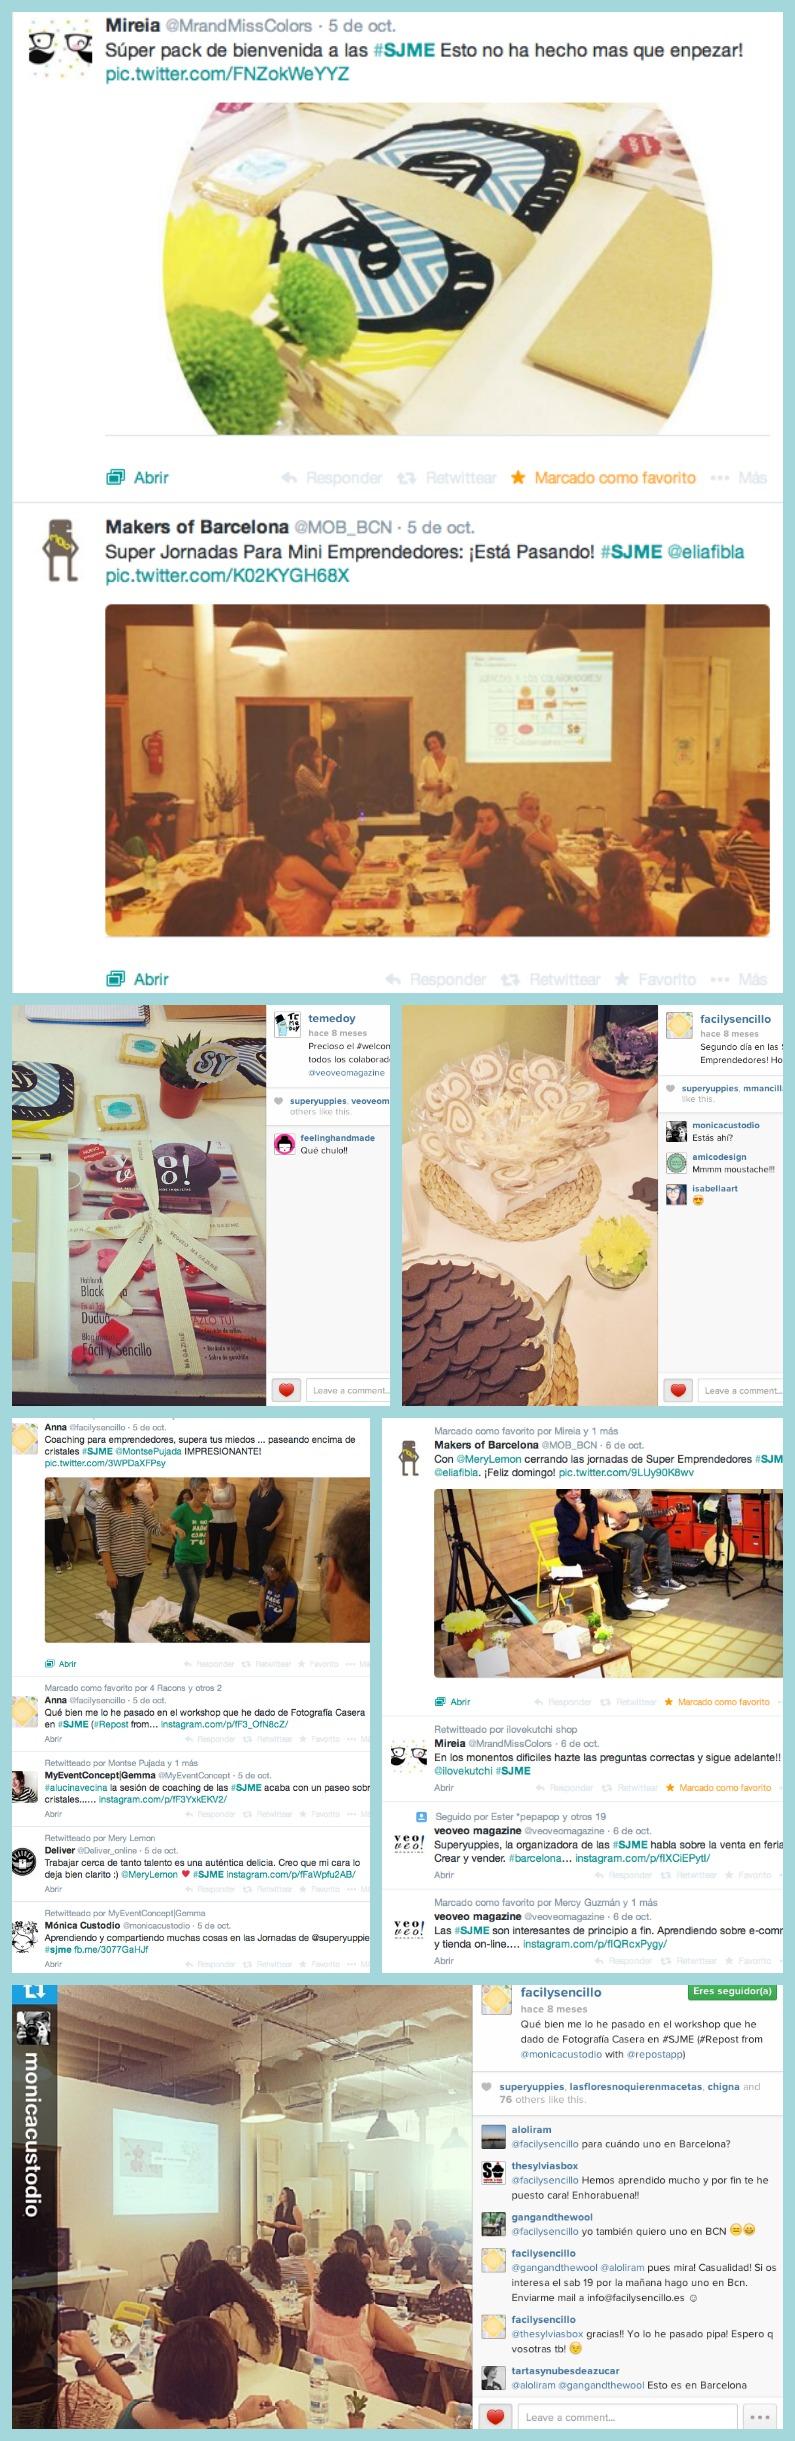 post sobre como promocionar un evento en redes sociales